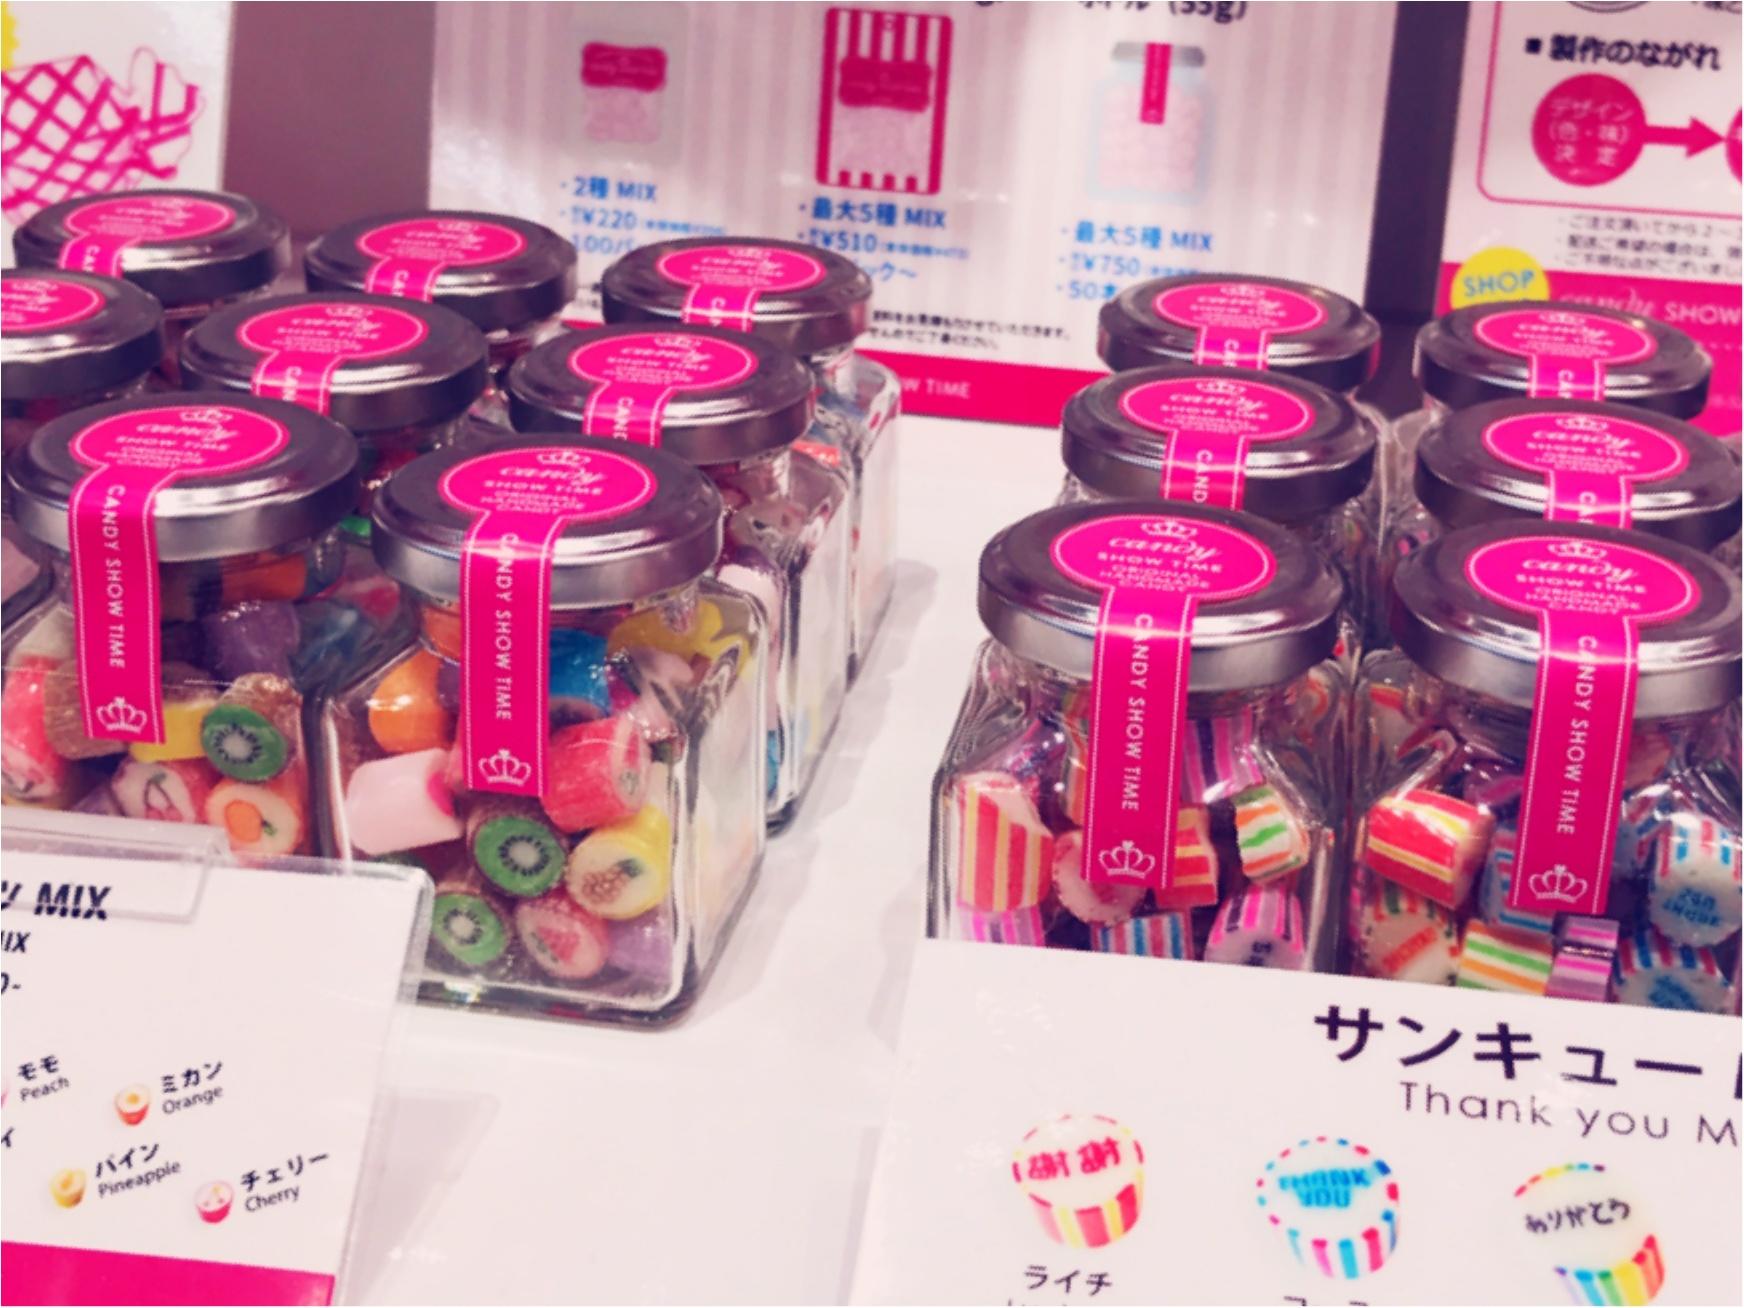 ★手土産にいかが?見た目も可愛い『candy SHOW TIME』の手作りキャンディーはお呼ばれに最適スイーツ★_3